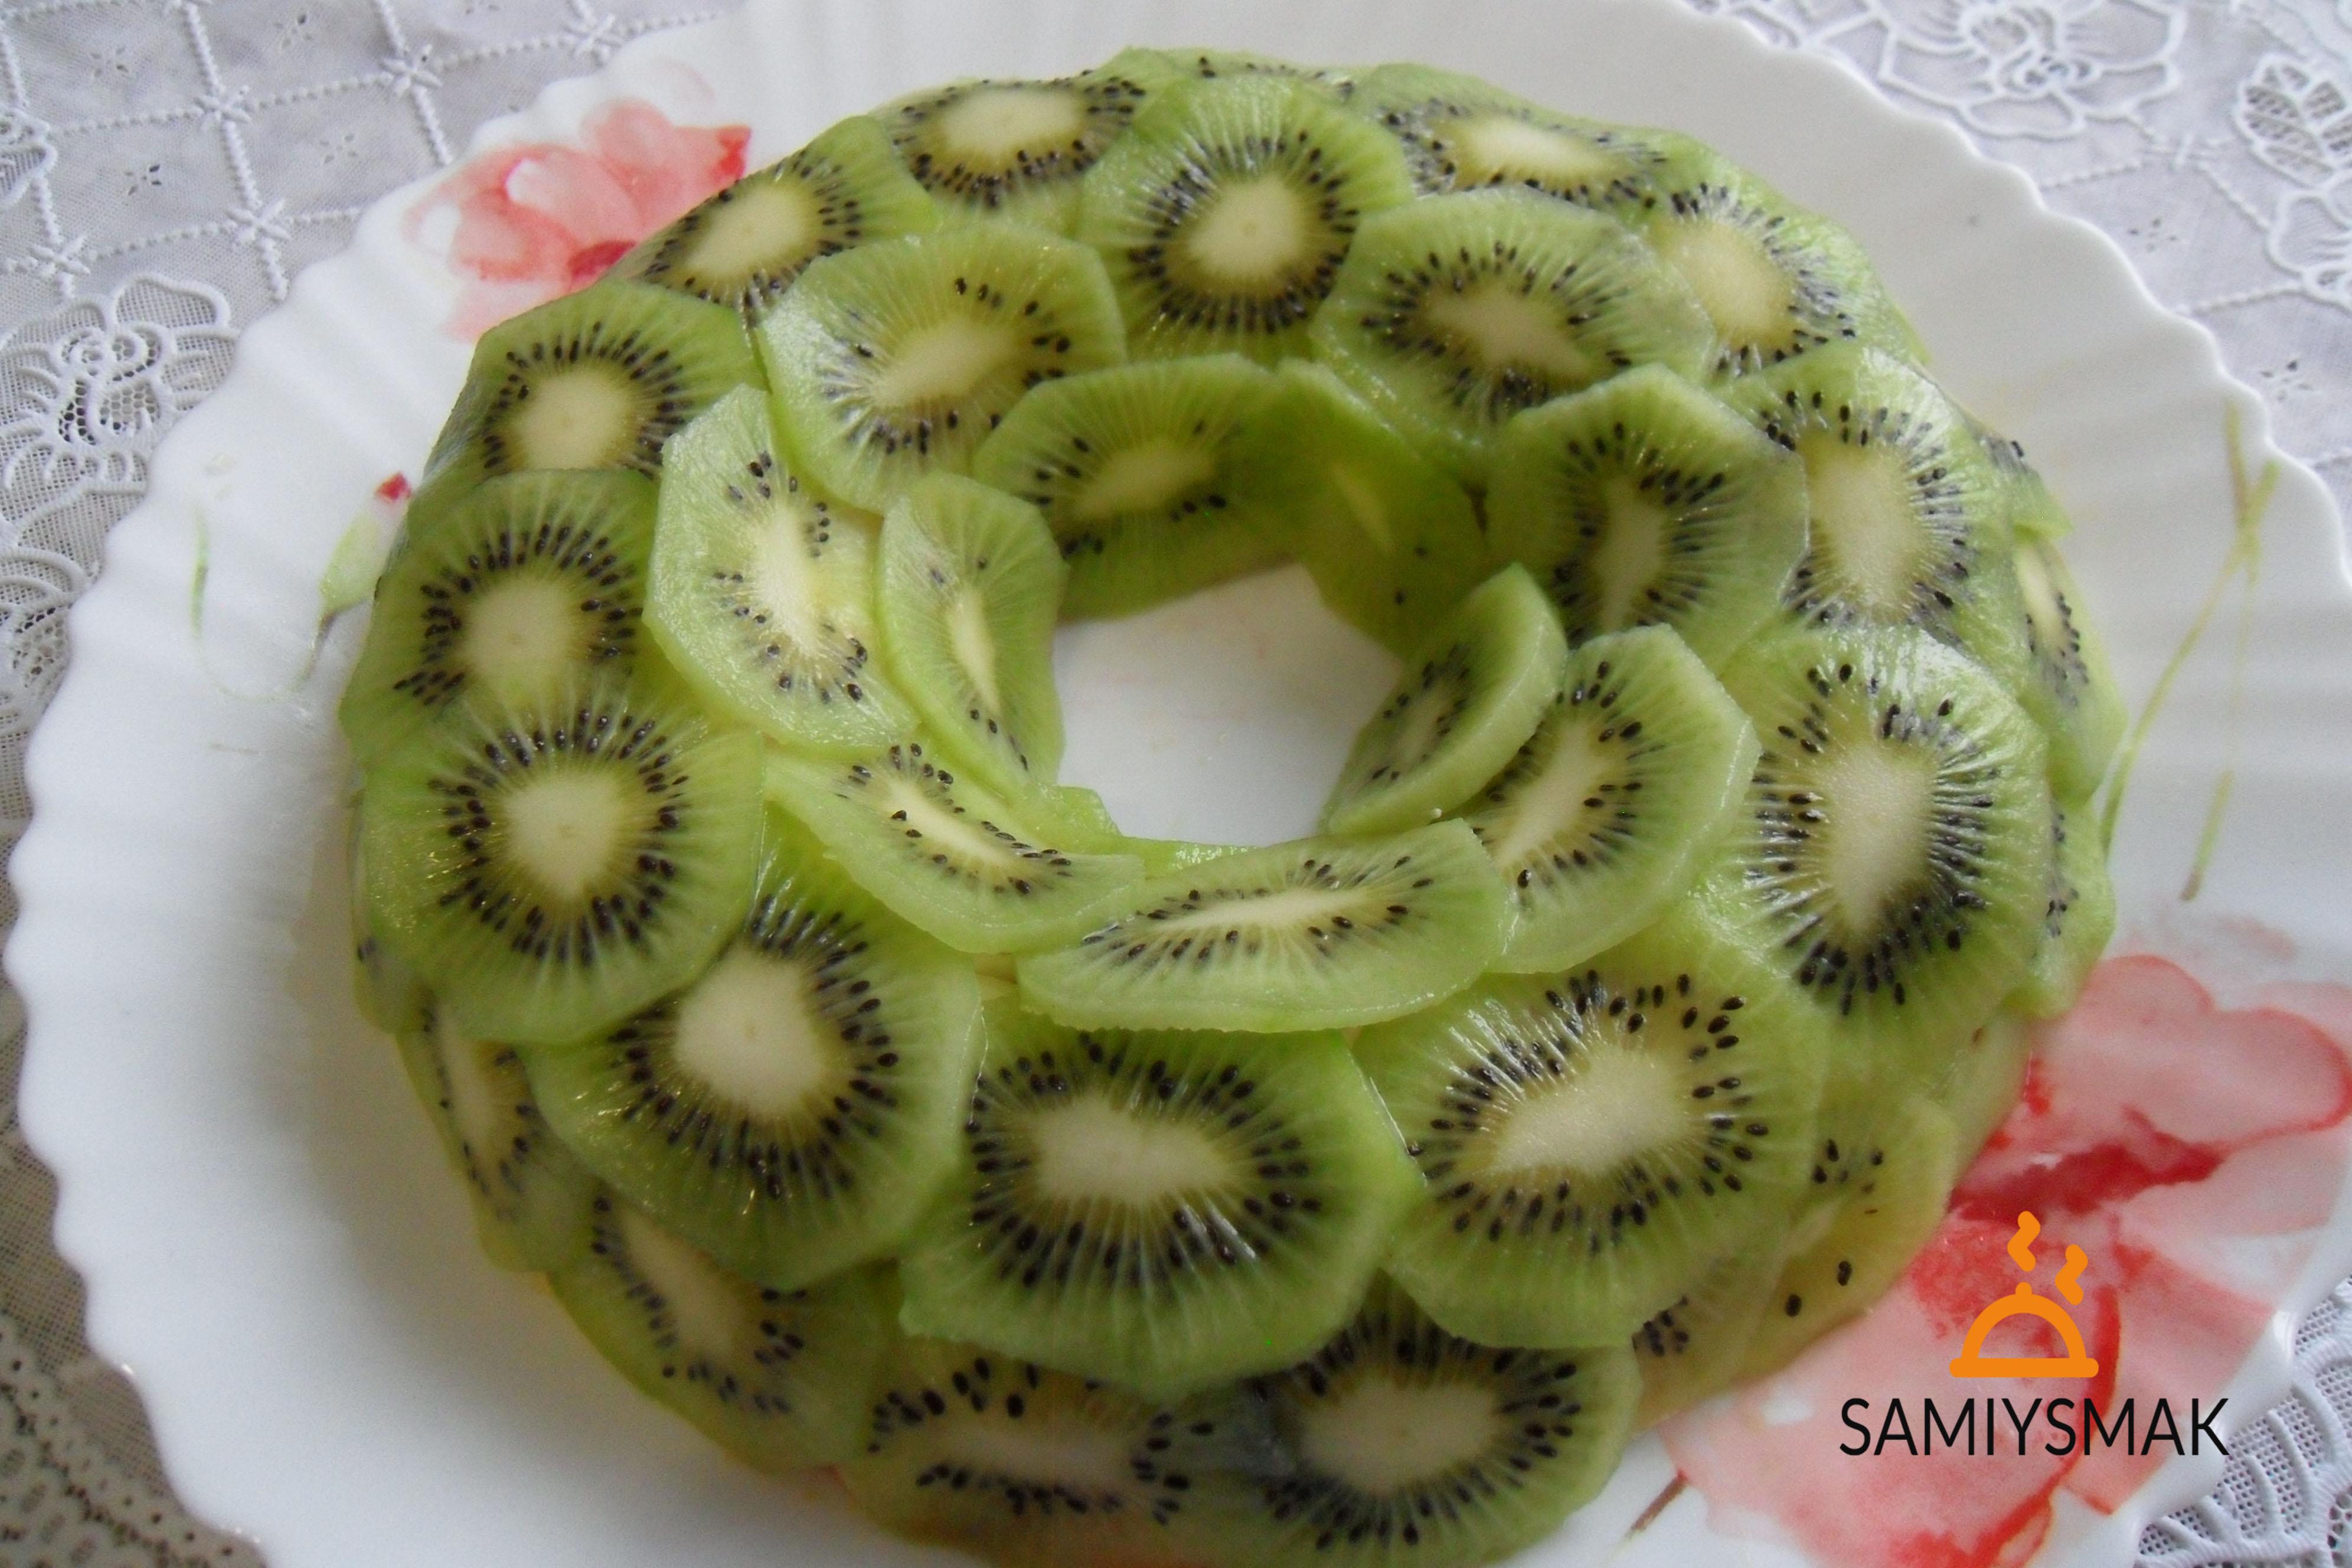 Салат малахитовый браслет с киви фото рецепт